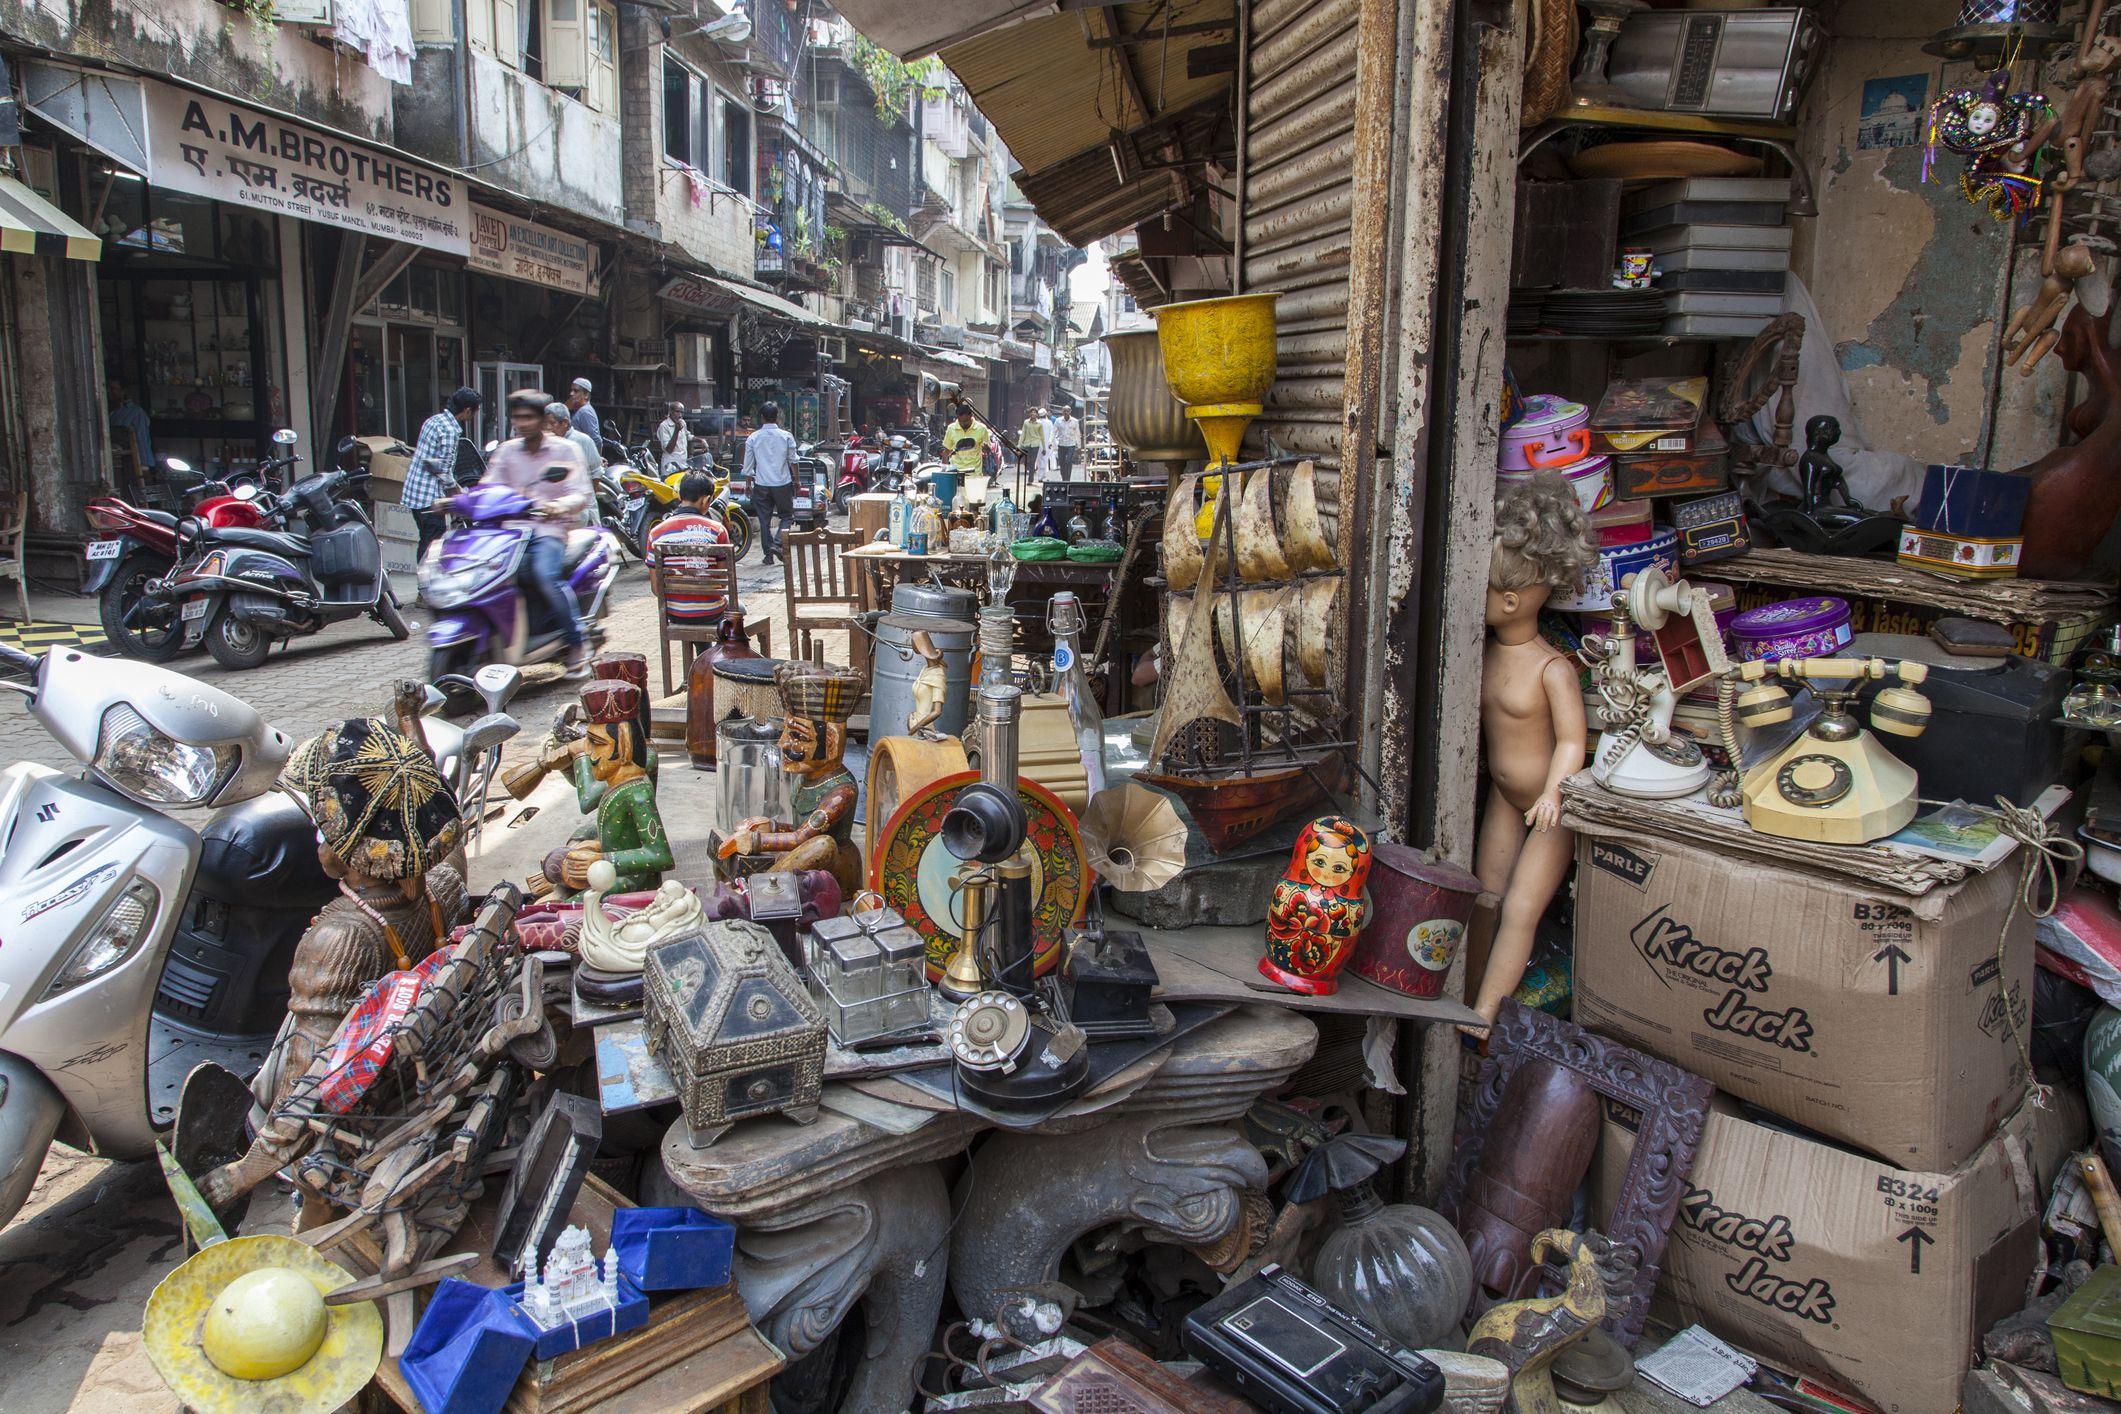 settings Bric-a-brac shop in Mutton Street, Chor Bazaar